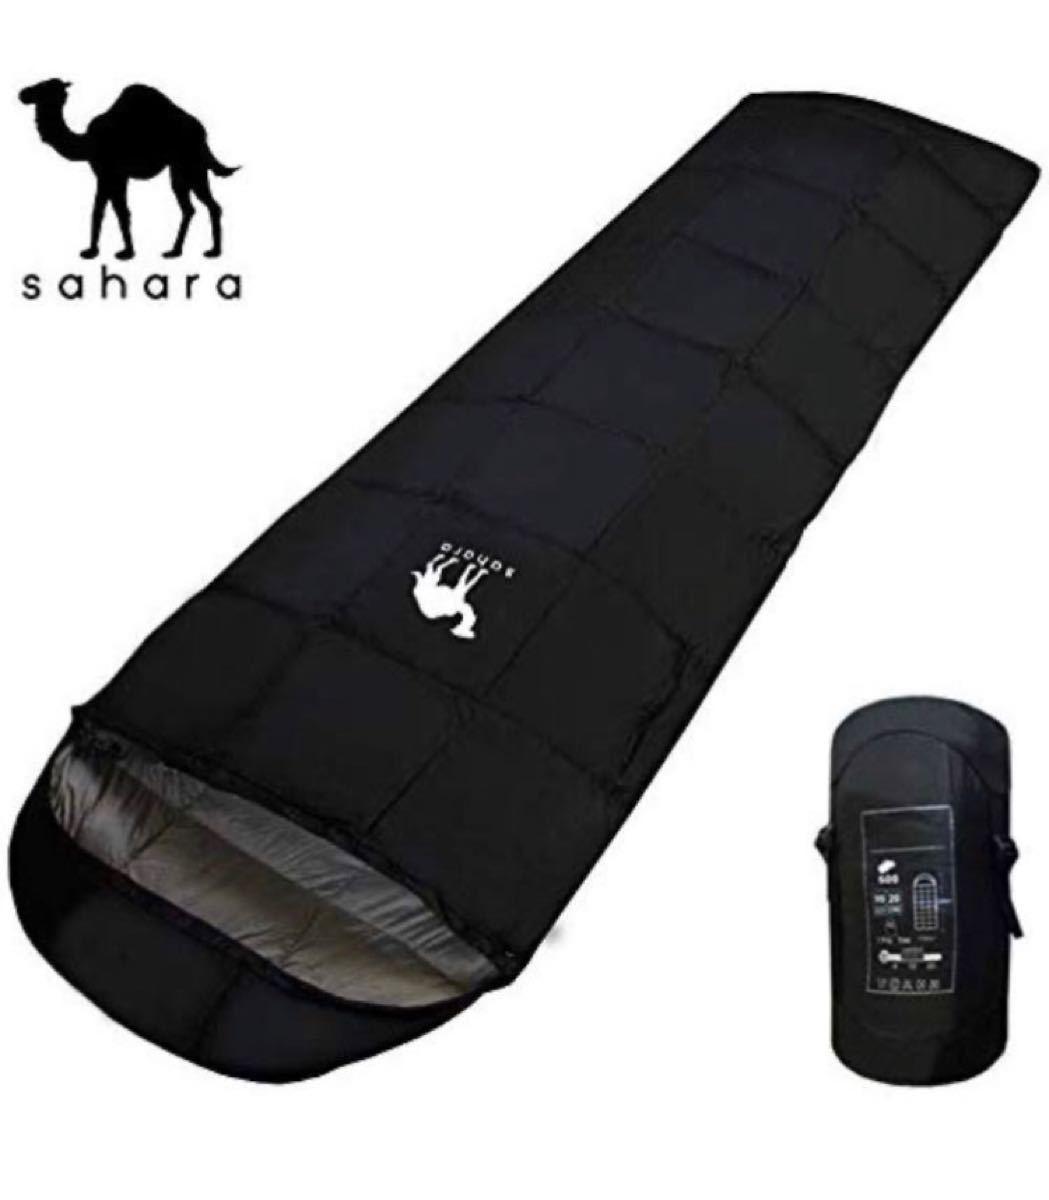 寝袋 封筒型 ダウン シュラフ -5℃ コンパクト収納 ブラック